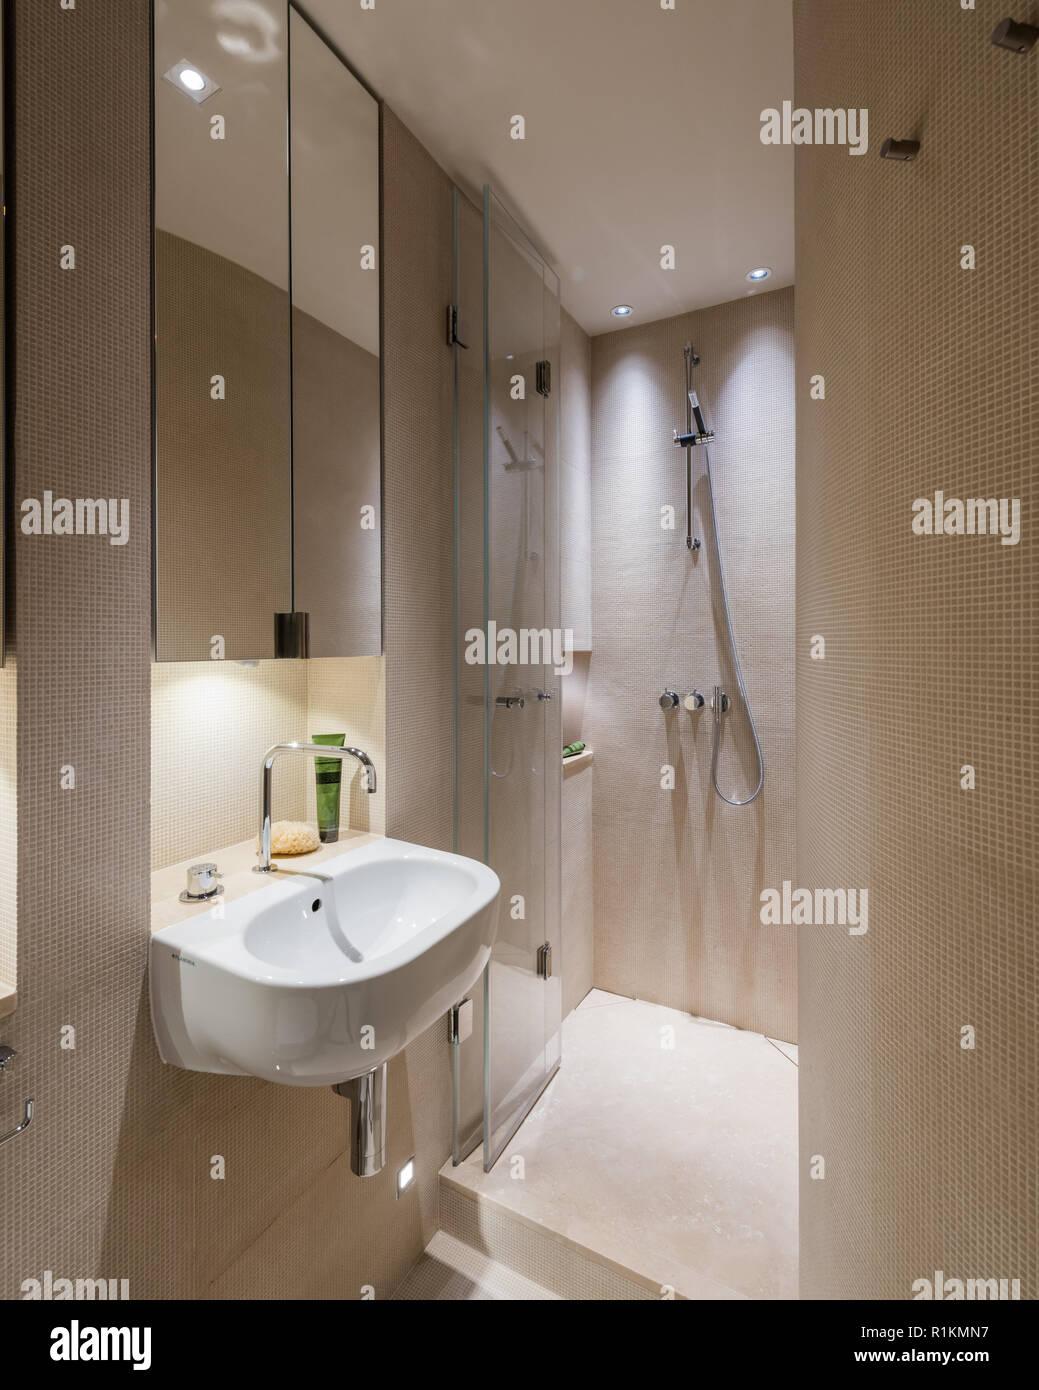 Cuartos de baño de azulejos blancos y marrones Foto & Imagen ...